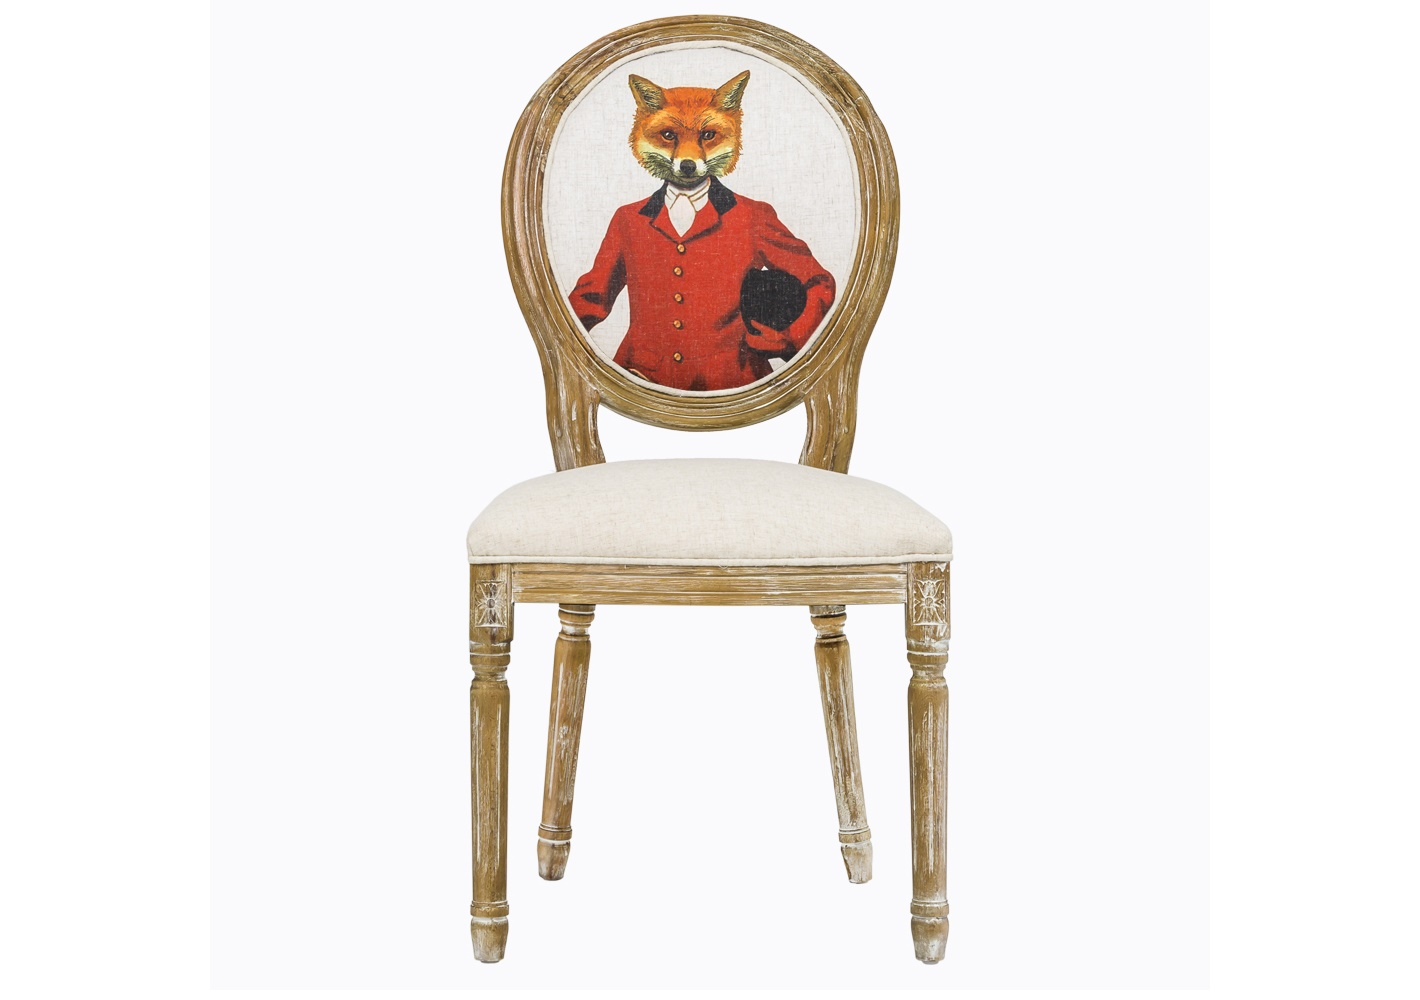 Стул «Мистер Лис Лайт»Обеденные стулья<br>Прекрасный стул ручной работы мог бы стать стандартной винтажной вещицей. Но как бы не так! Его спинку-медальон украшает изображение лихого жокея с… лисьей мордочкой. Исторический костюм и горделивая осанка выдают в нем личность чистых кровей. А в хозяине этой мебели – отличный вкус, чувство юмора и любовь к эклектике. Умело смешанные французский шик и ультрасовременный поп-арт и являют это мебельное чудо. Каркас и ножки изготовлены из цельной древесины с тонкой резьбой, а ткань обивки имеет тефлоновое покрытие для защиты от загрязнений.<br><br>Material: Текстиль<br>Ширина см: 50.0<br>Высота см: 98.0<br>Глубина см: 57.0